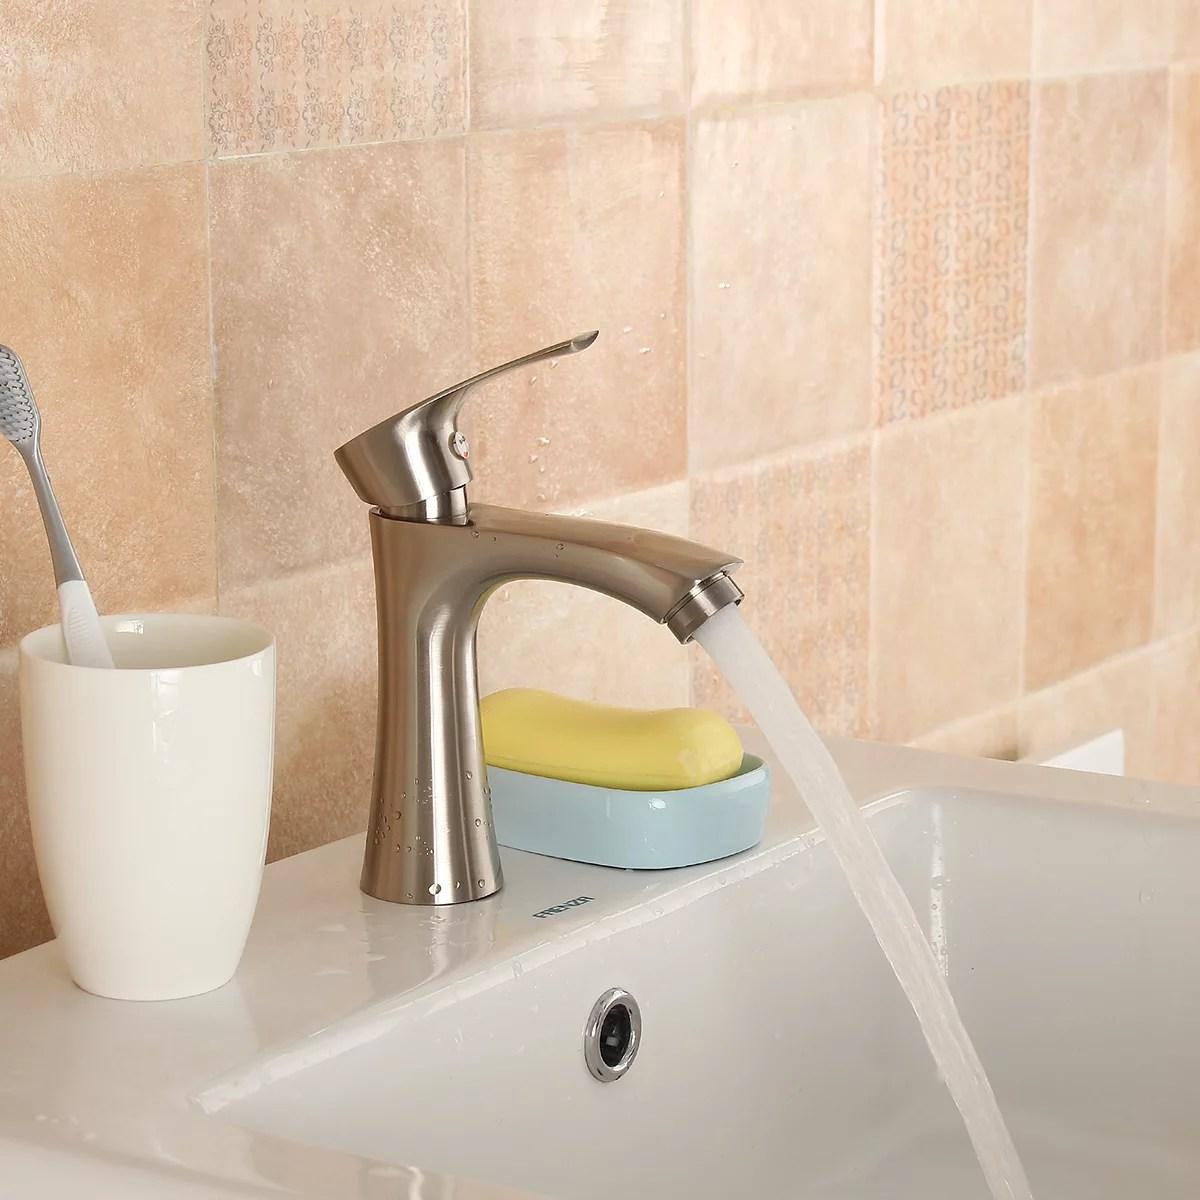 brushed nickel bathroom sink faucet tap